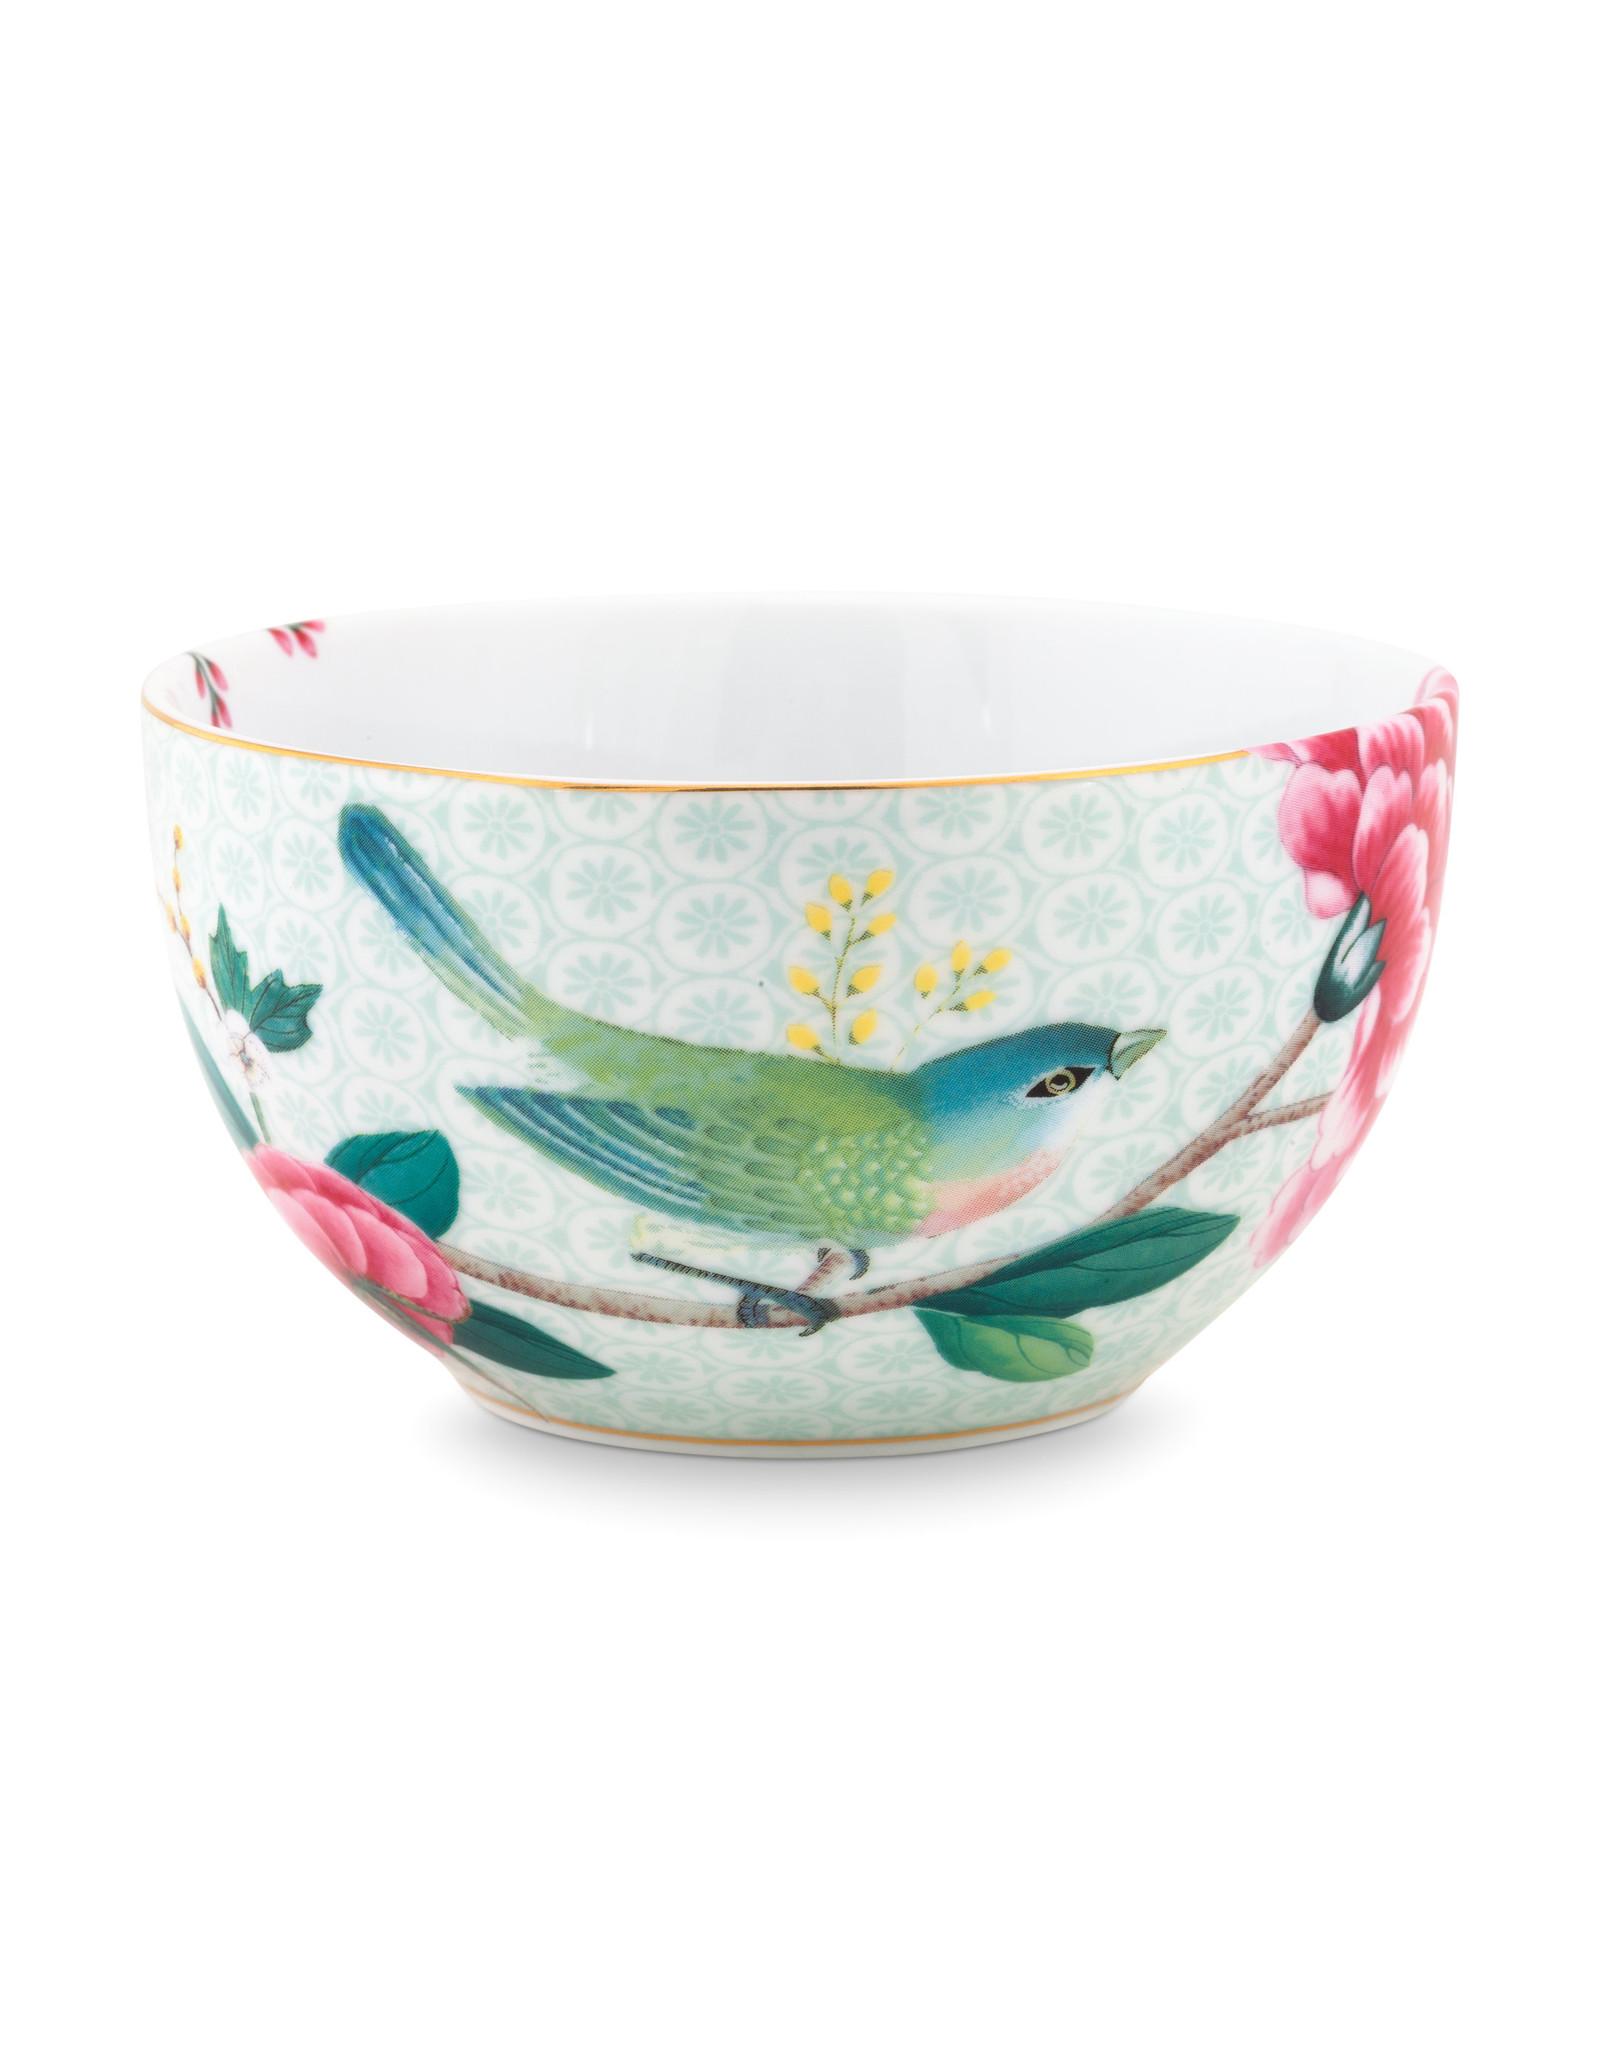 Janny van der Heijden Bowl Blushing birds white 12cm